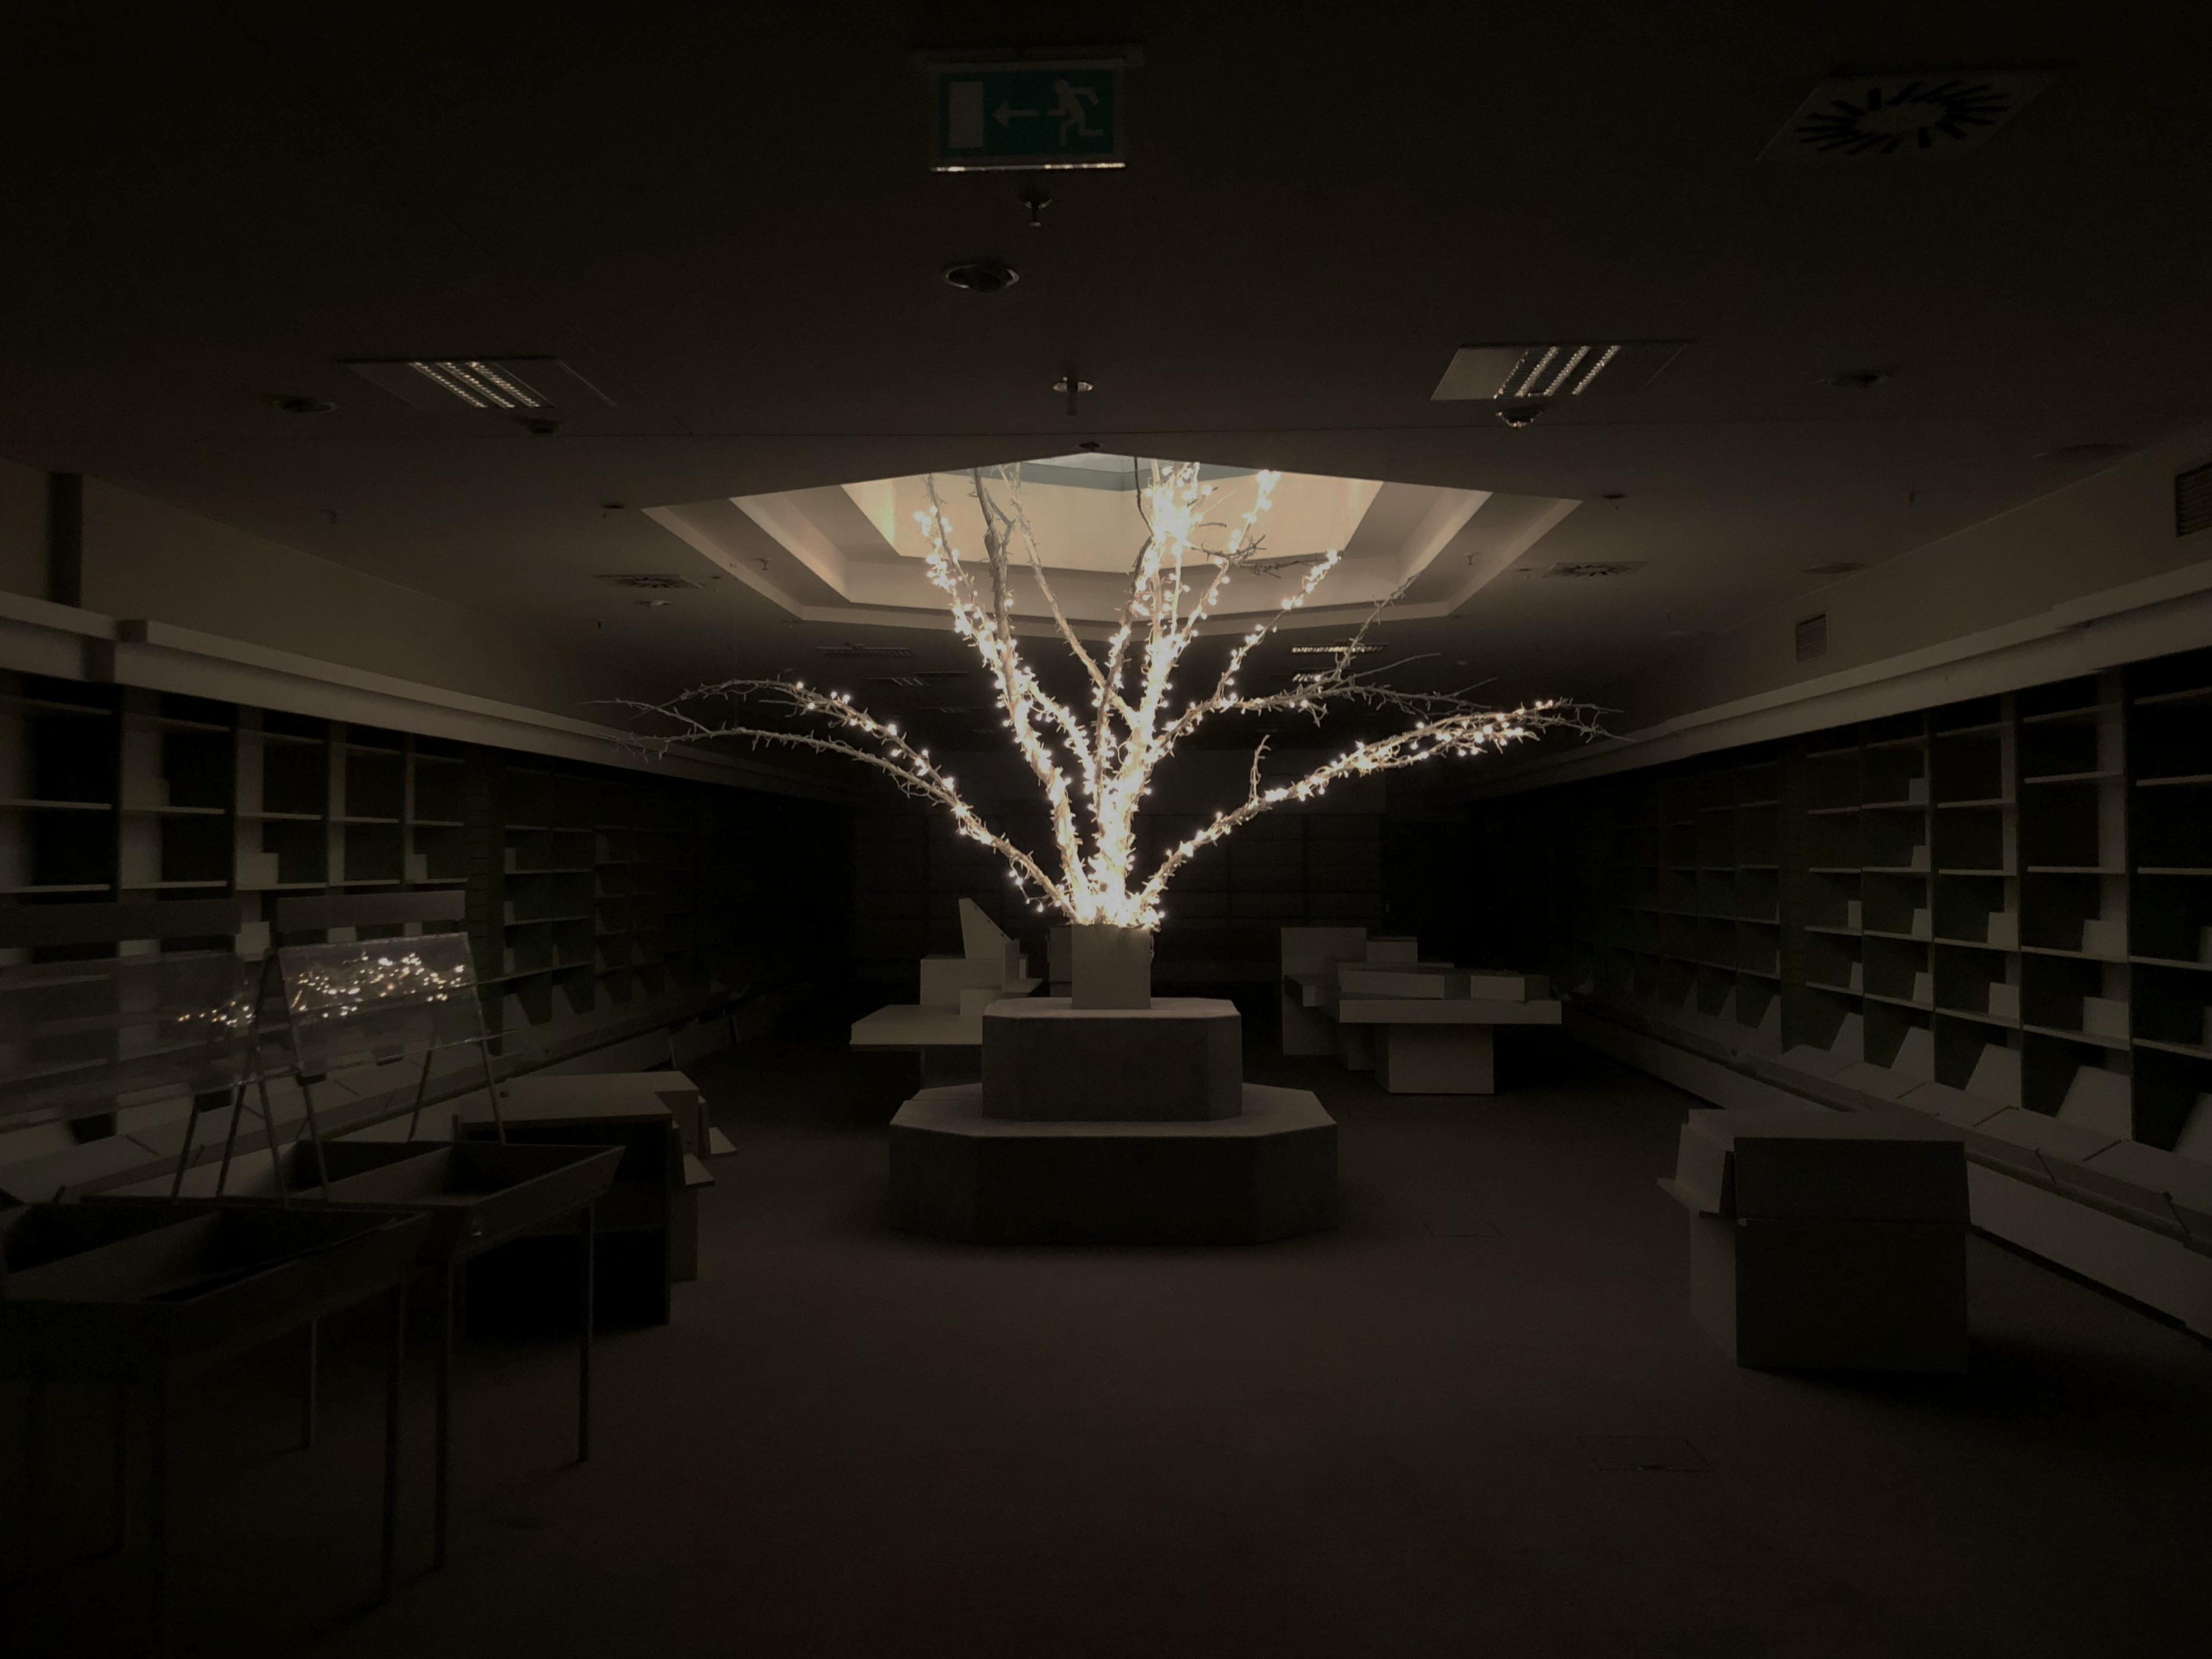 Der Sternverlag in Düsseldorf, einst Europas größtes Buchhaus, nach der Schließung